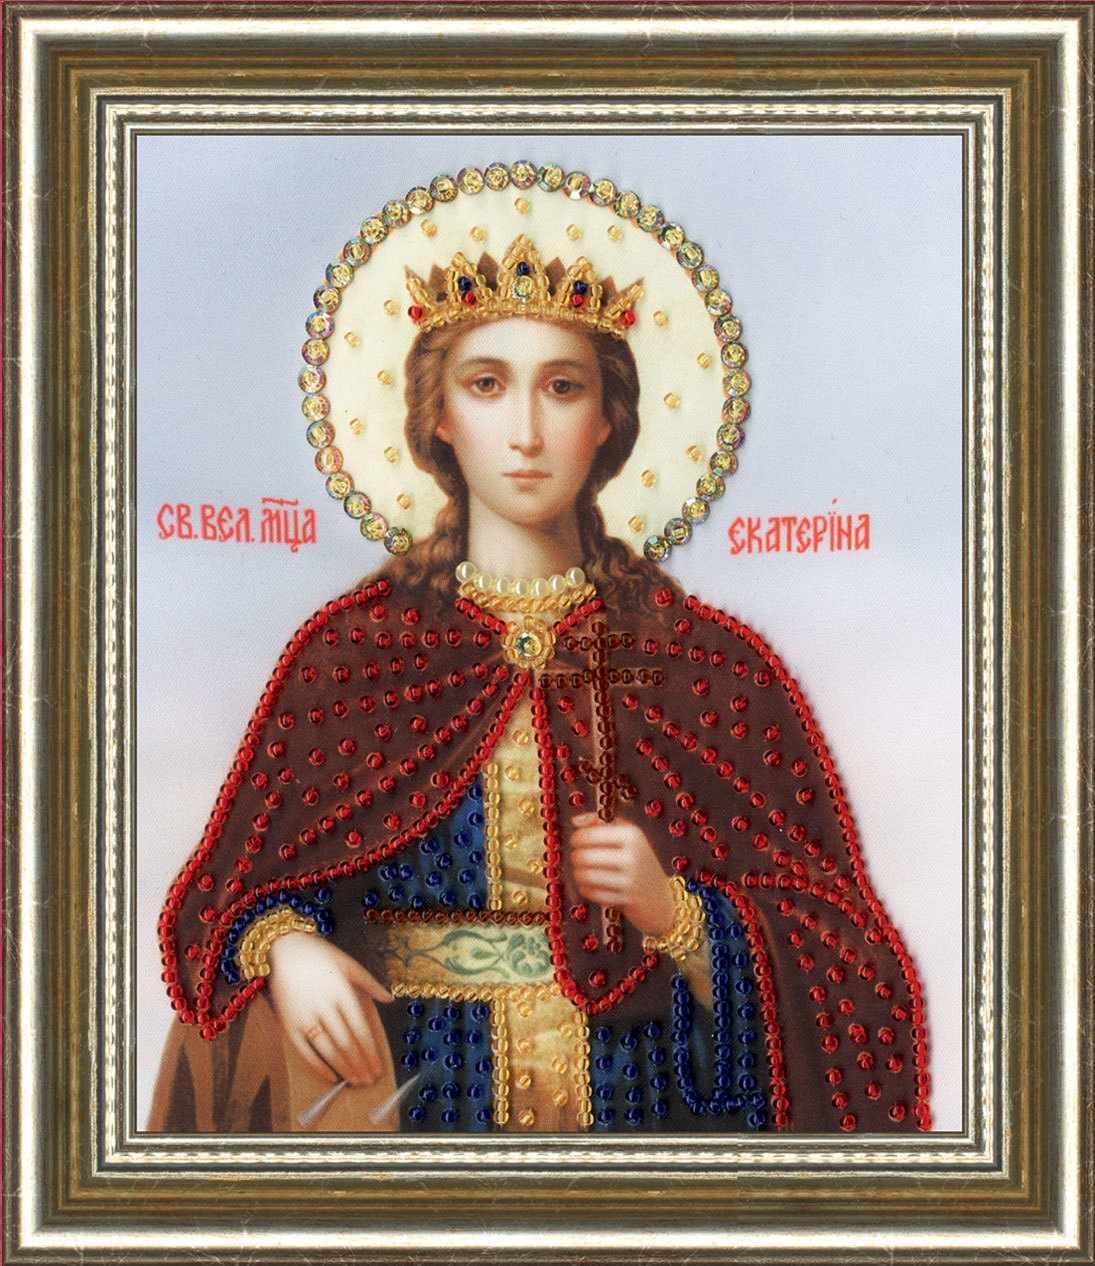 РТ-129 Икона Святой Великомученицы Екатерины.Рисунок на ткани